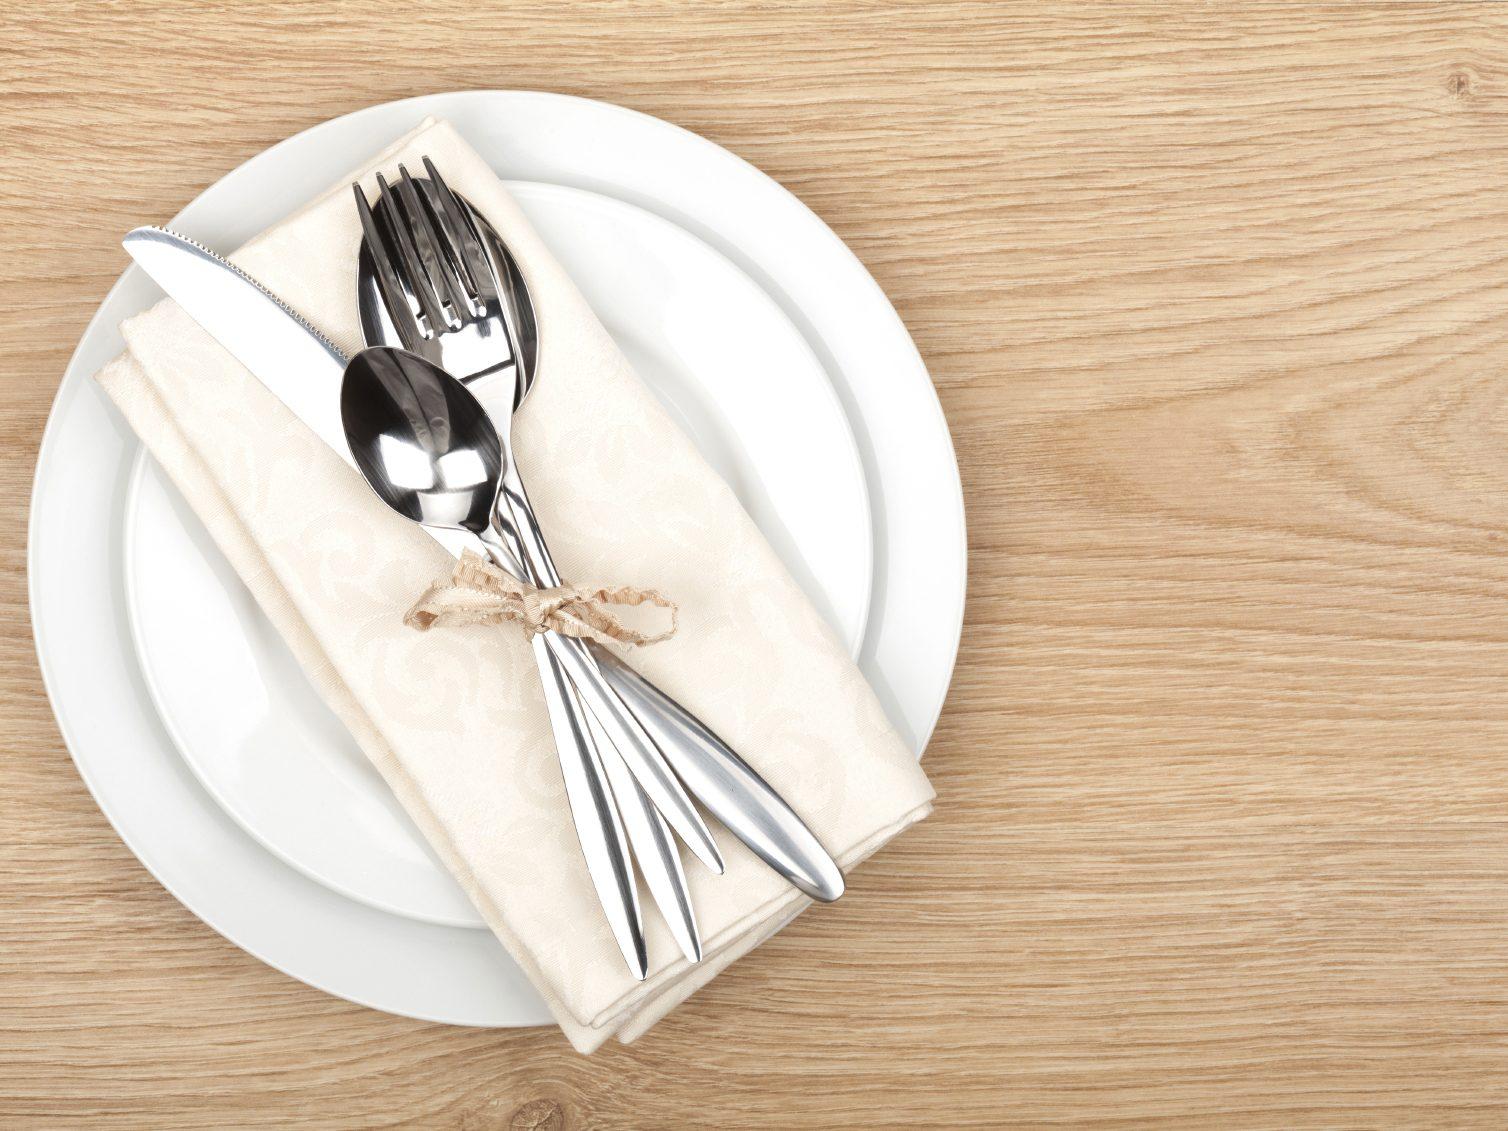 10. Fréquentez les magasins d'équipement de restaurant